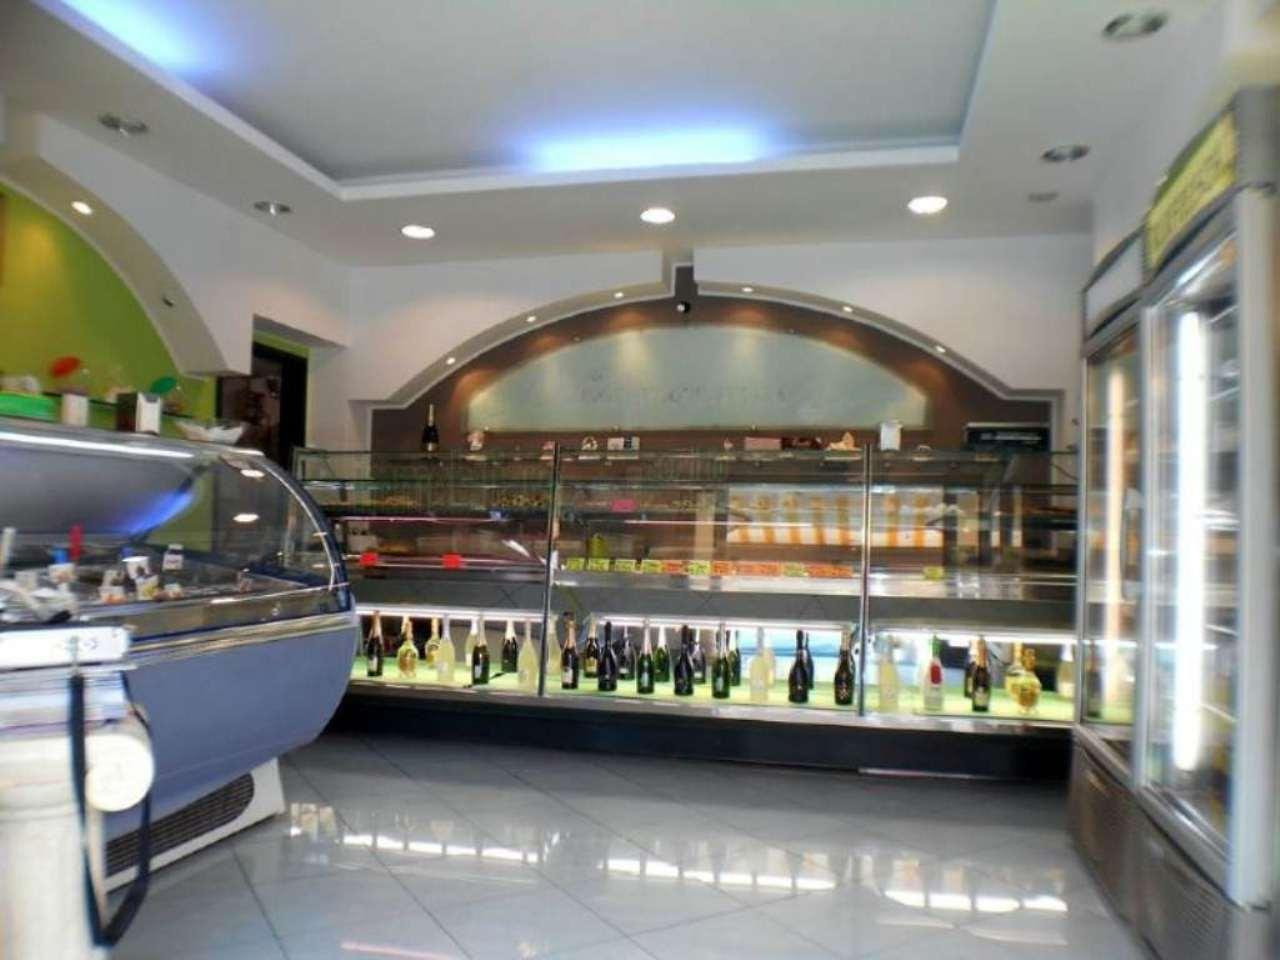 Negozio / Locale in vendita a Tivoli, 2 locali, prezzo € 190.000 | CambioCasa.it